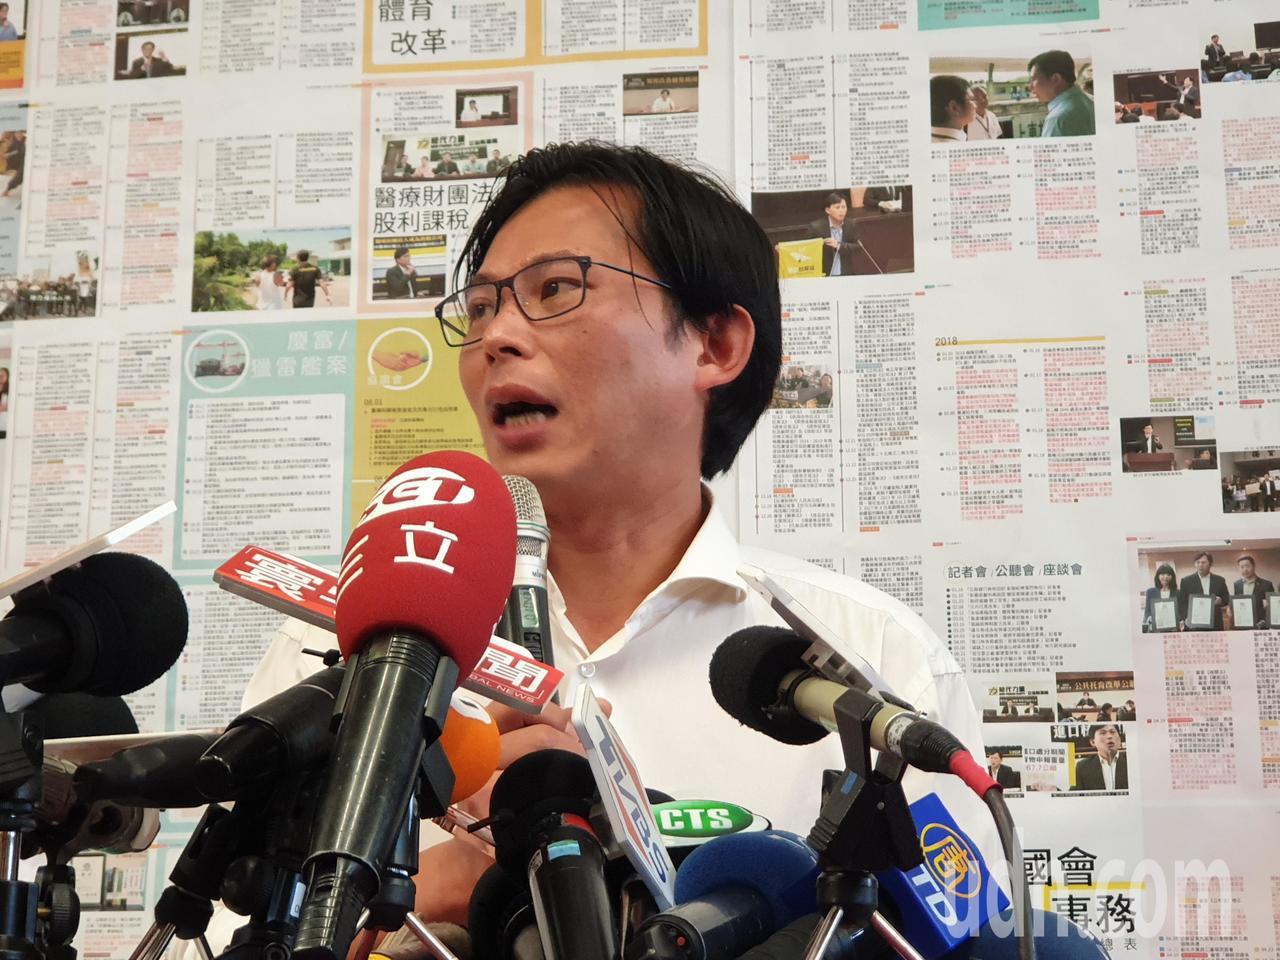 時代力量立委黃國昌(右)今開記者會,表情抽動神態略顯緊張。記者胡瑞玲/攝影